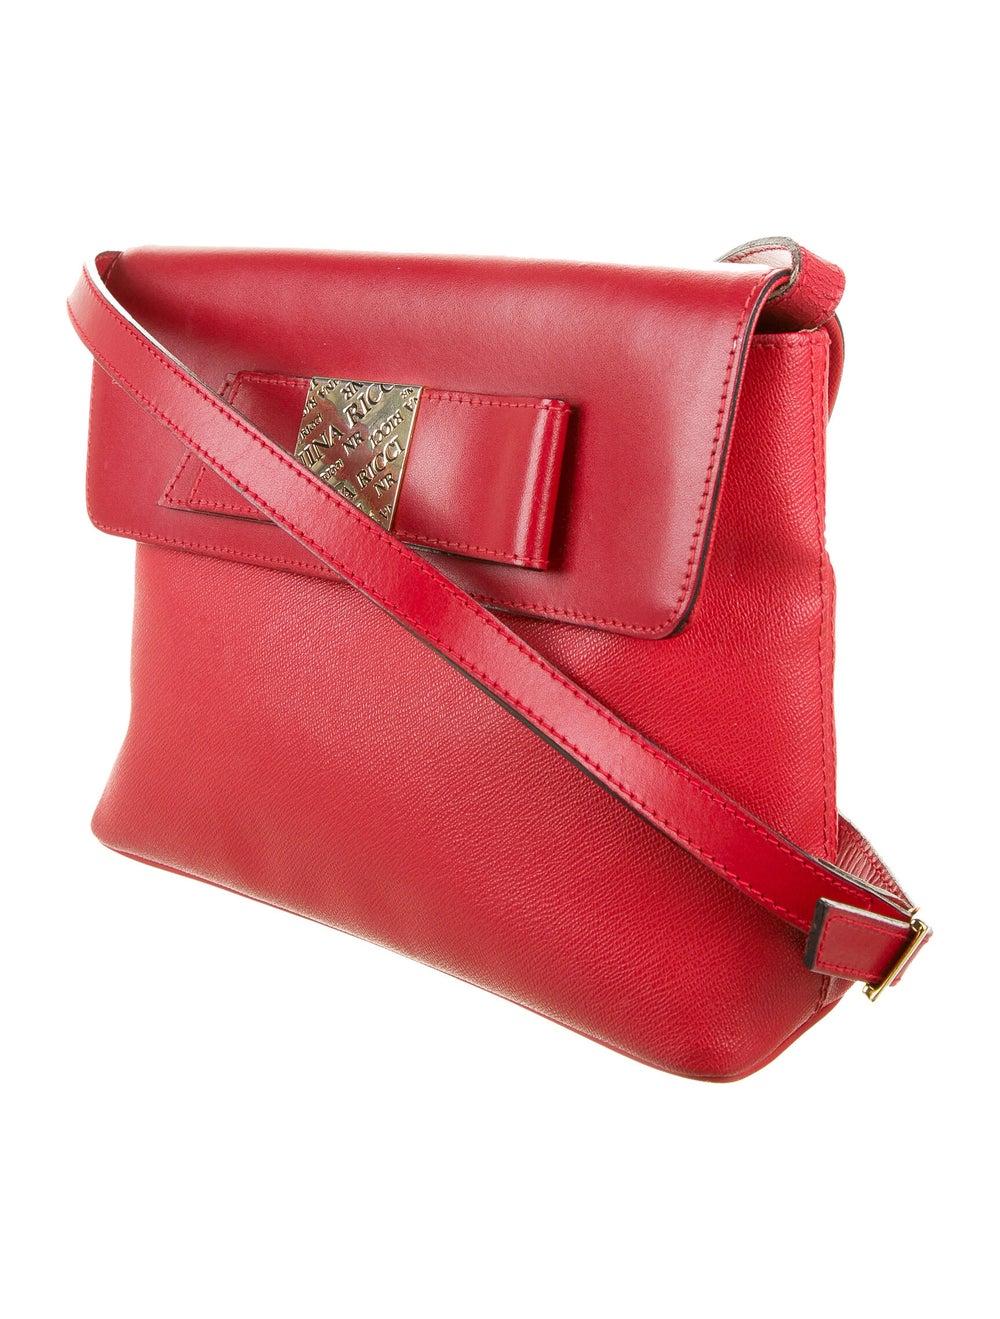 Nina Ricci Leather Shoulder Bag Red - image 3